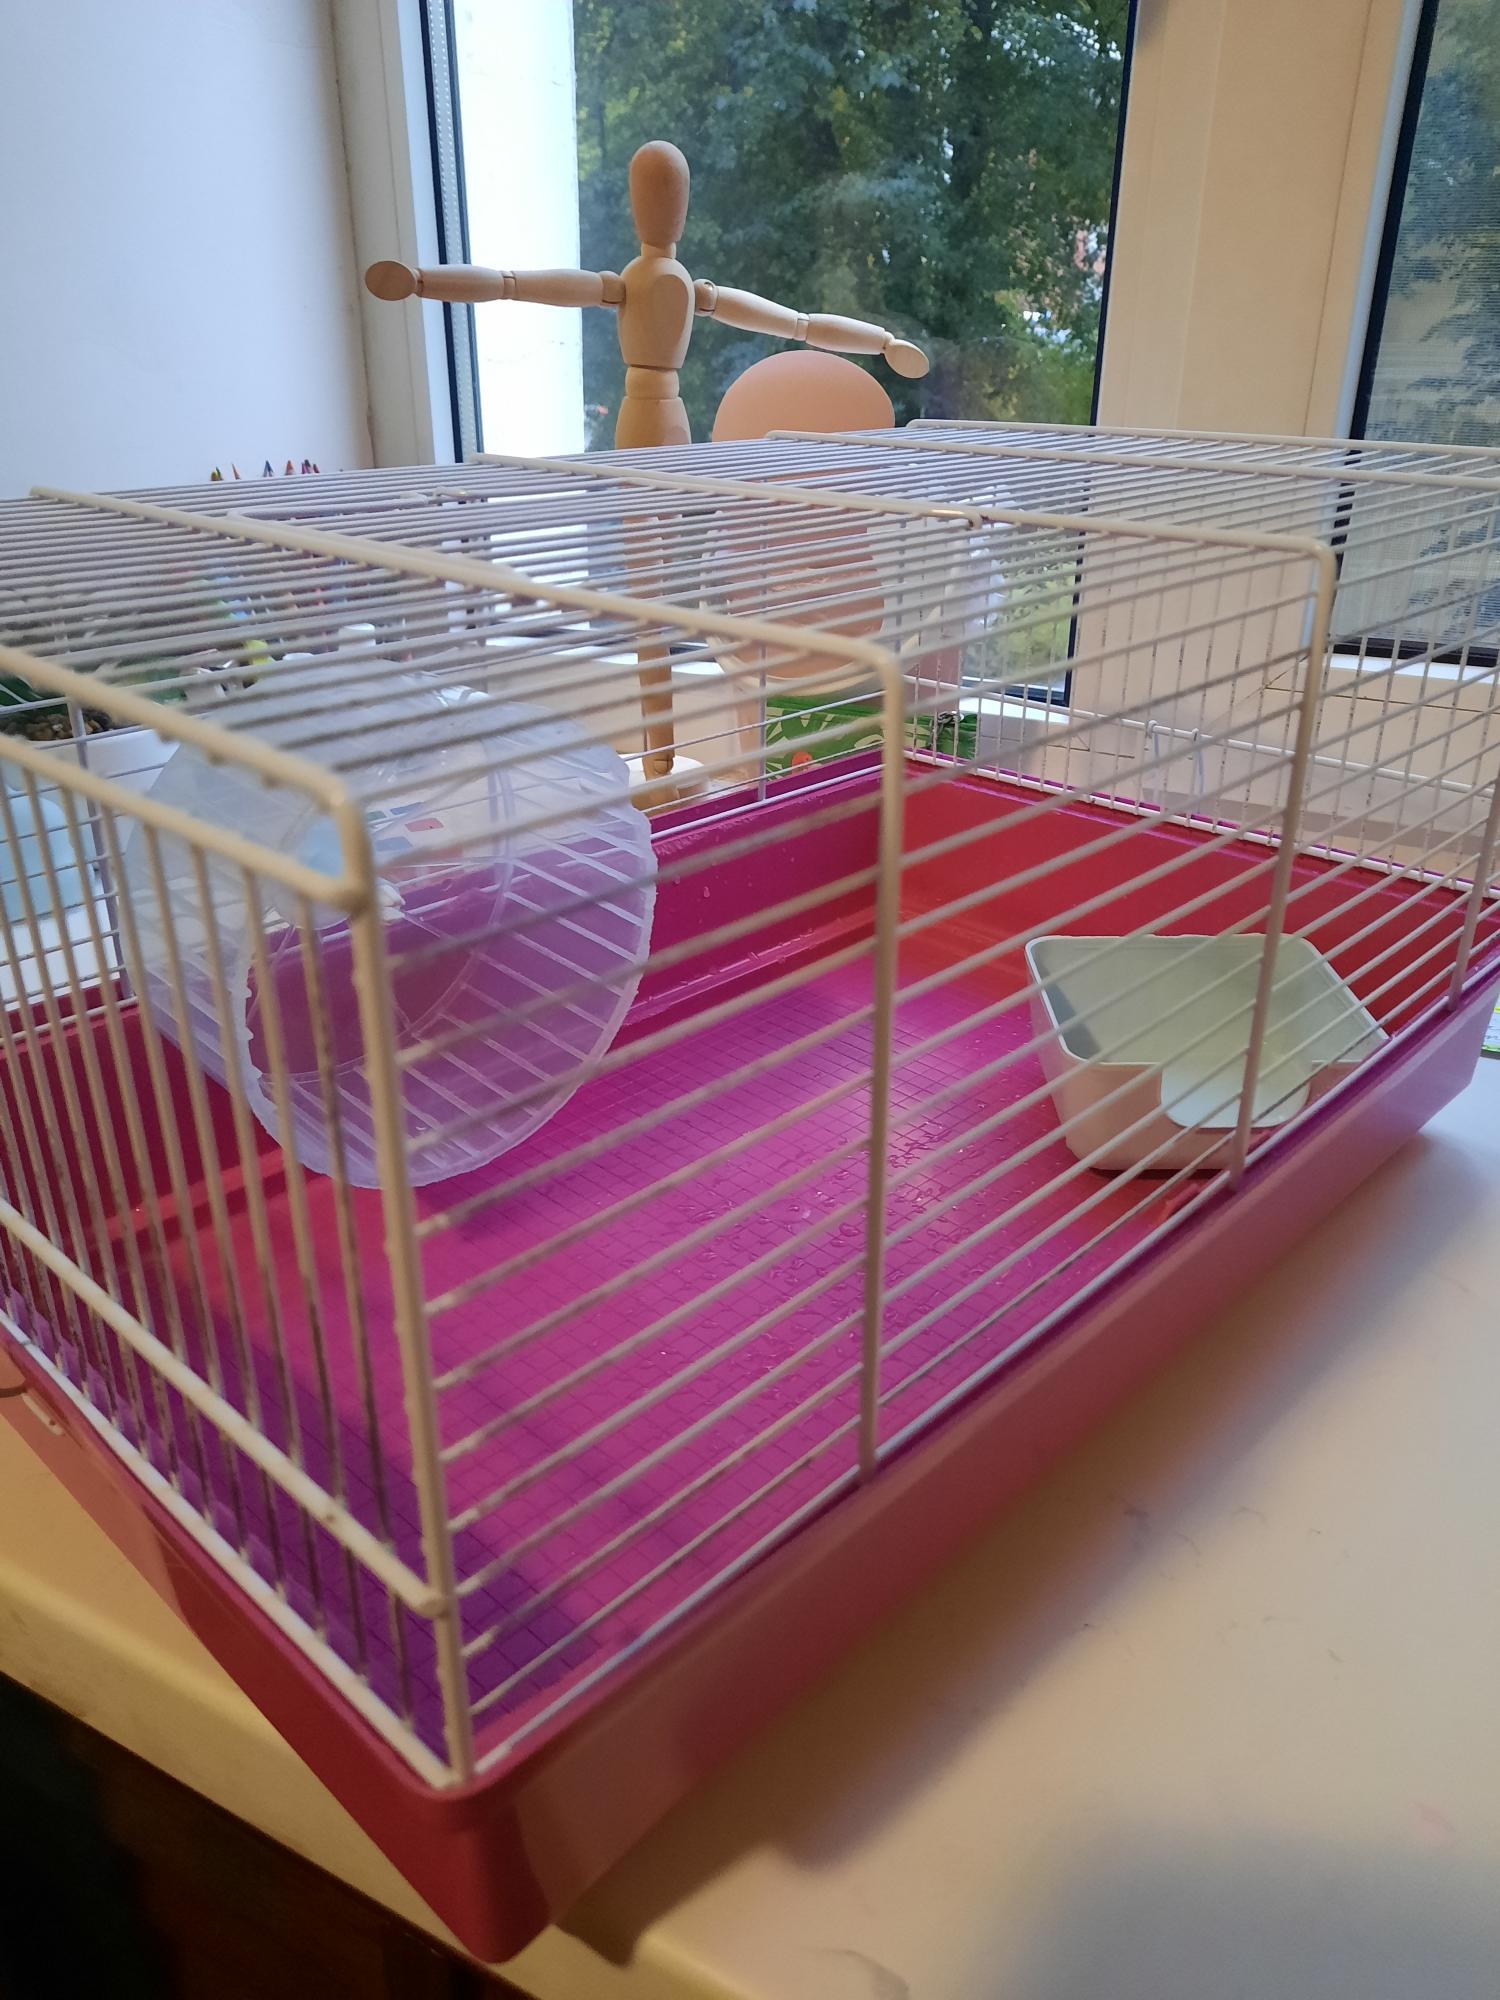 Клетка для грызунов в Подольске 89169217231 купить 1